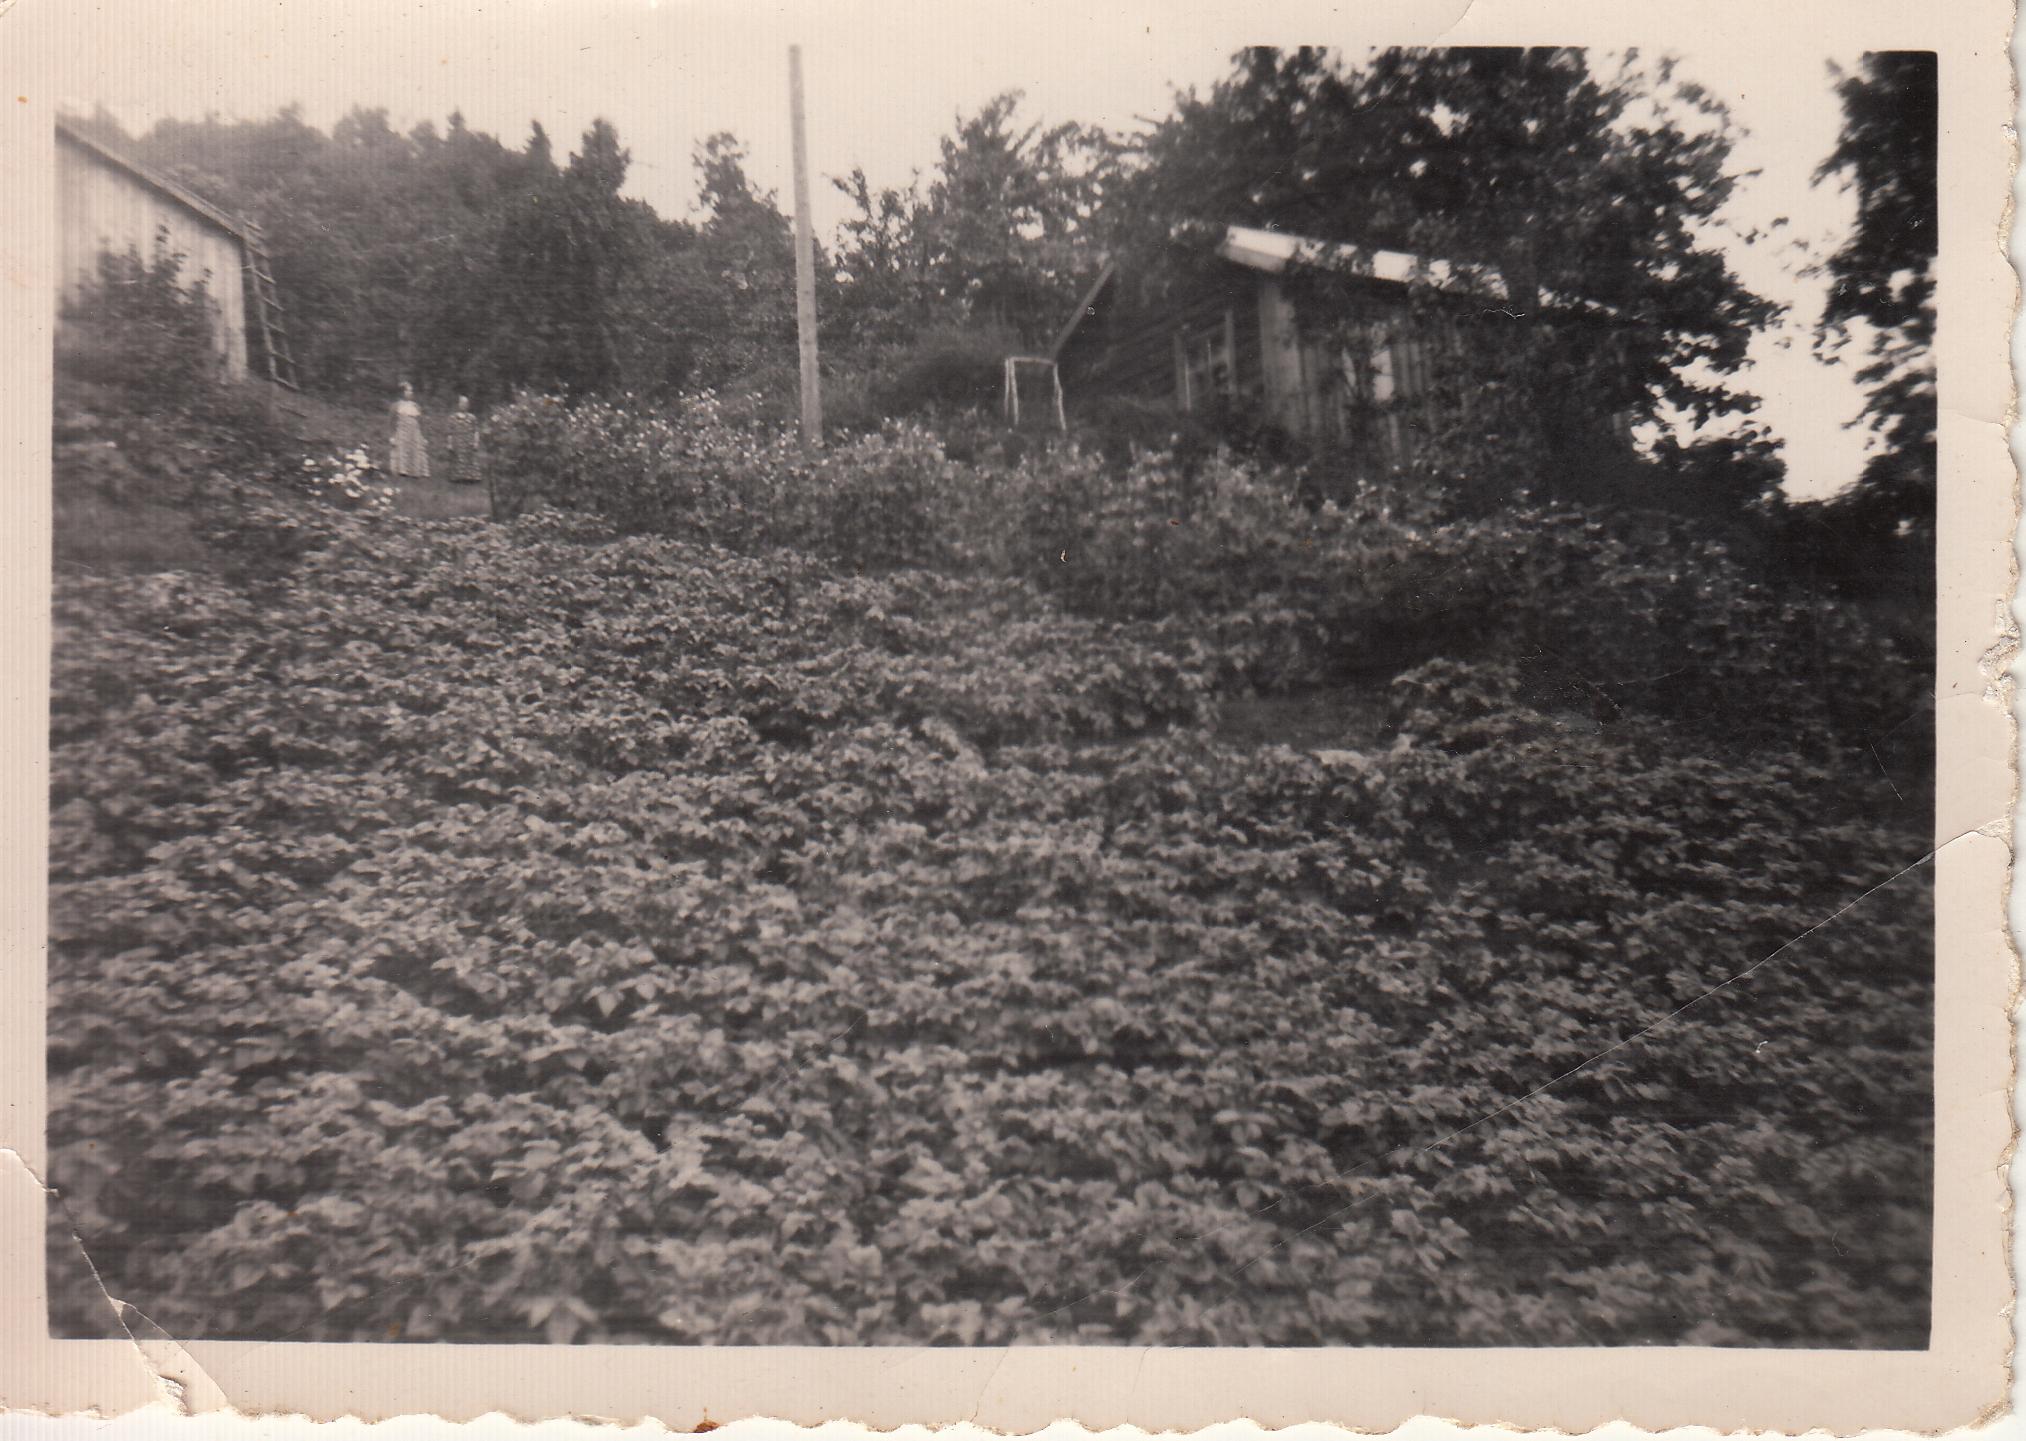 Lia, sett fra sør - Foto er fra ukjent årstall, men etter 1936, funnet i album gitt til Gjerstad Historielag.